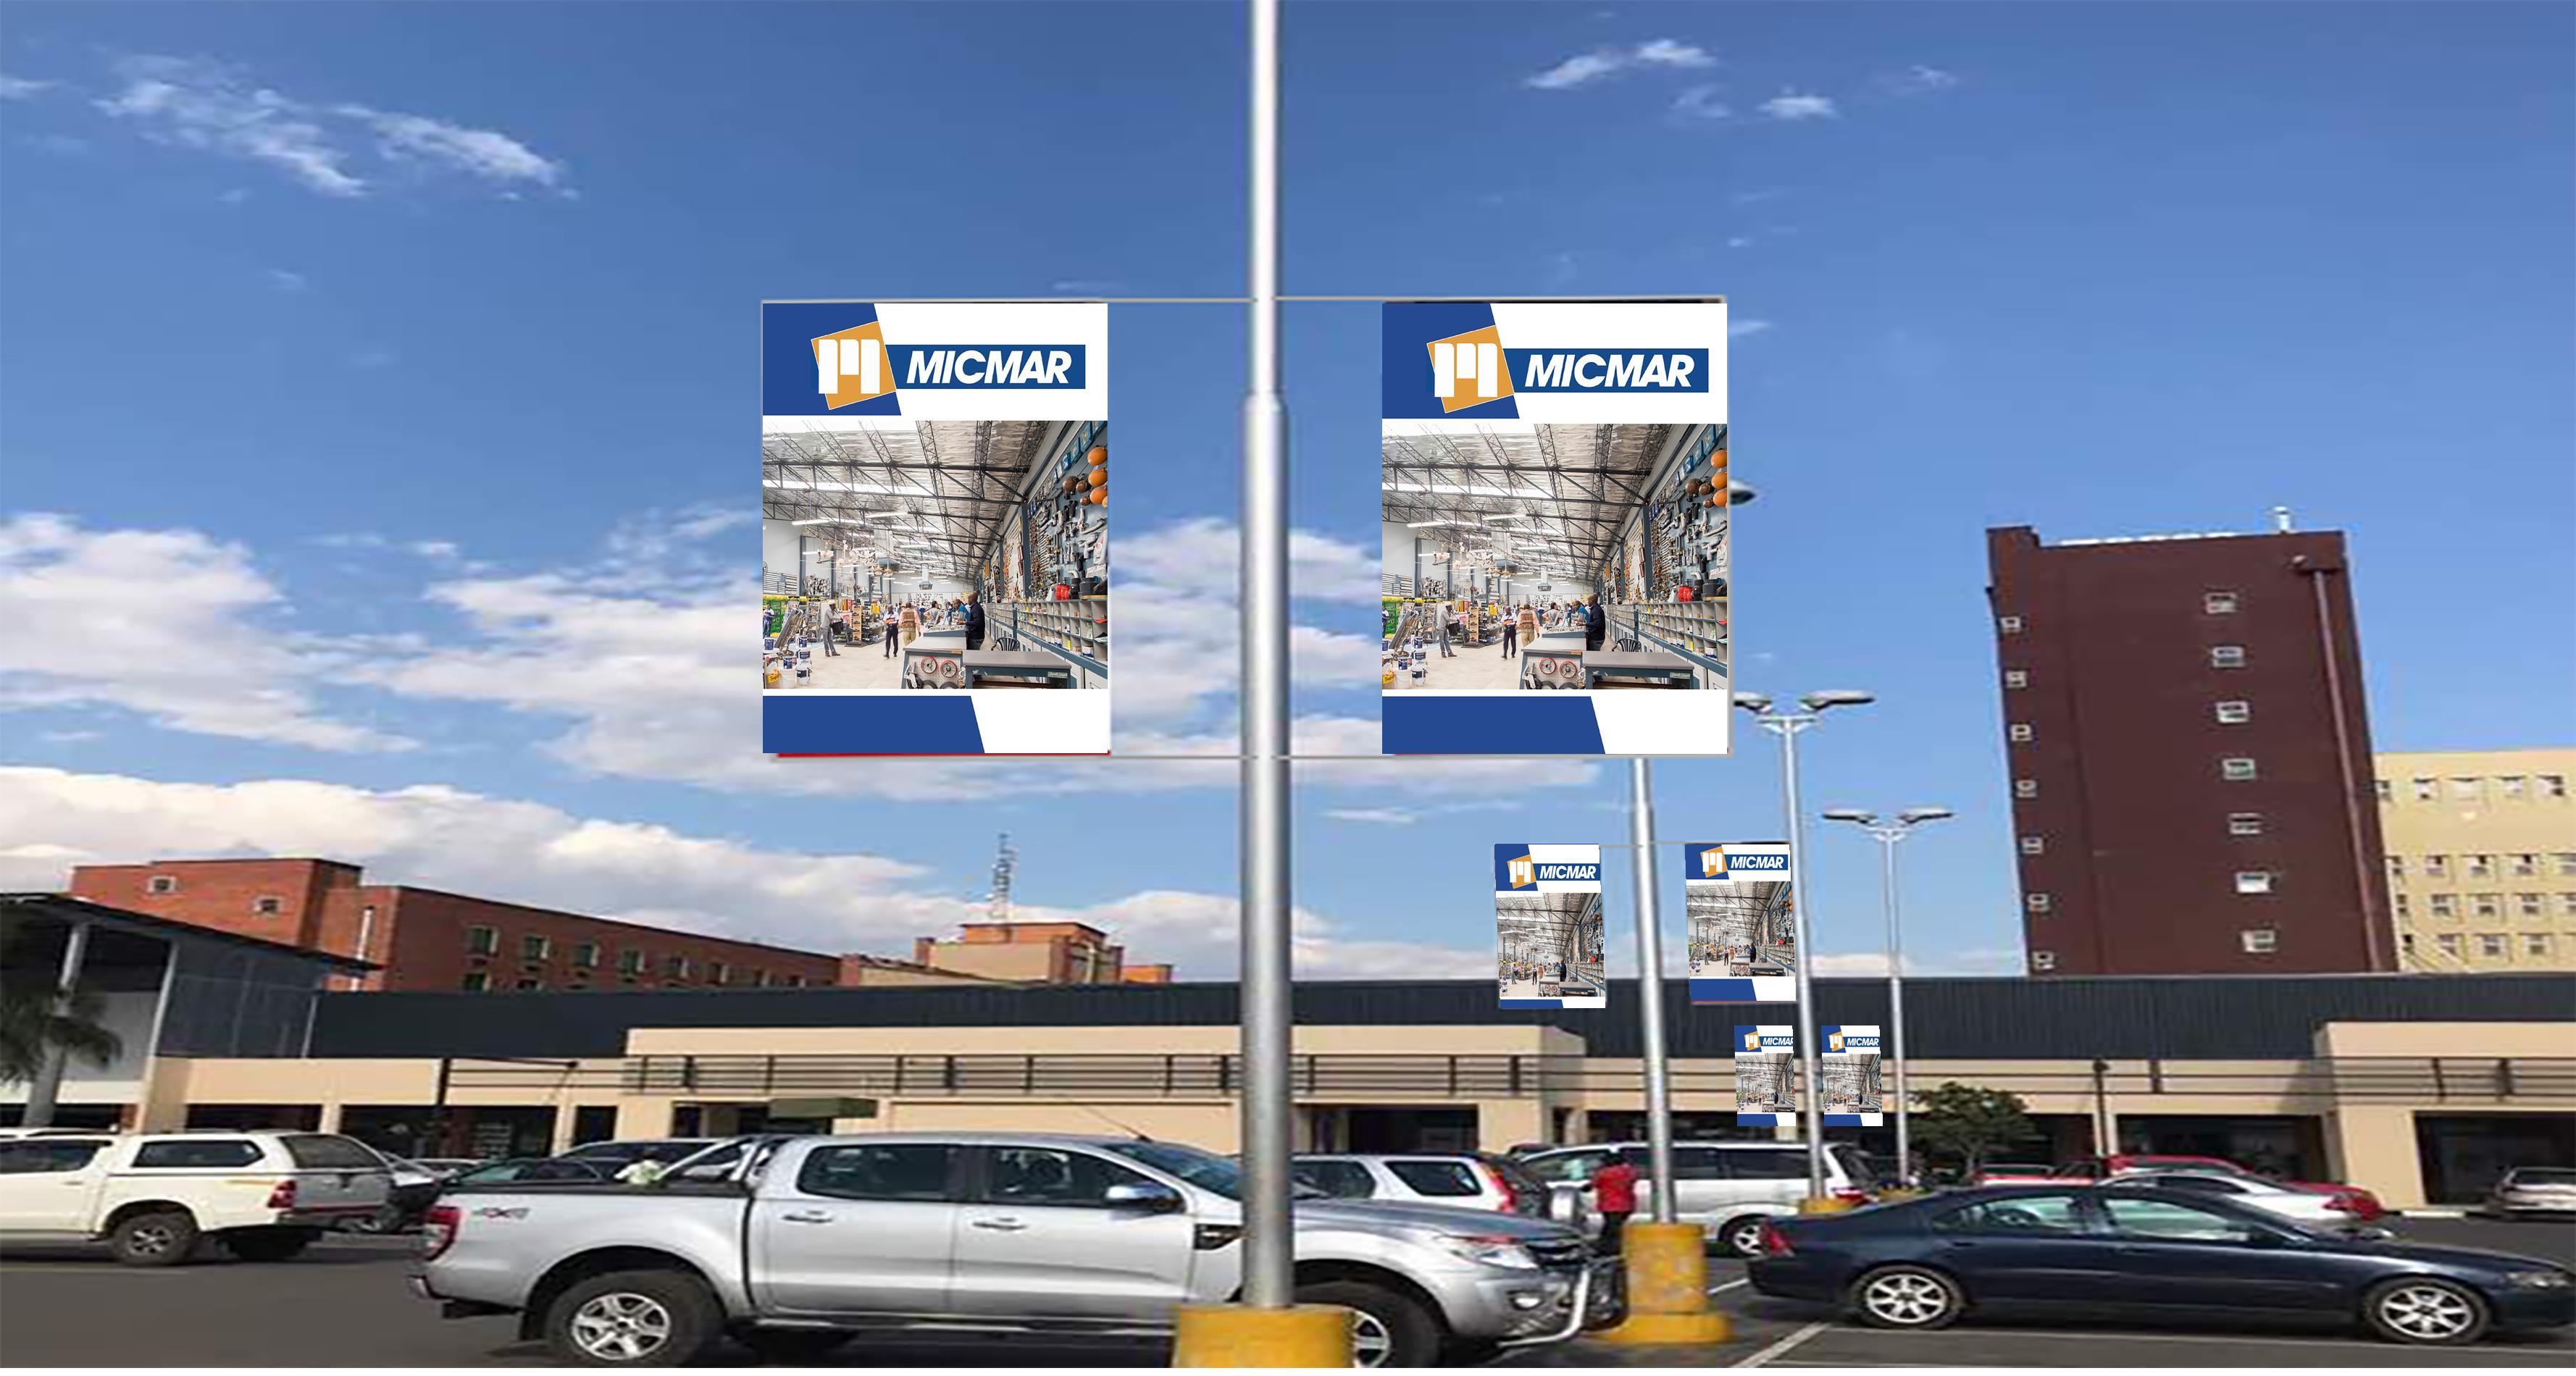 Arcades Street poles